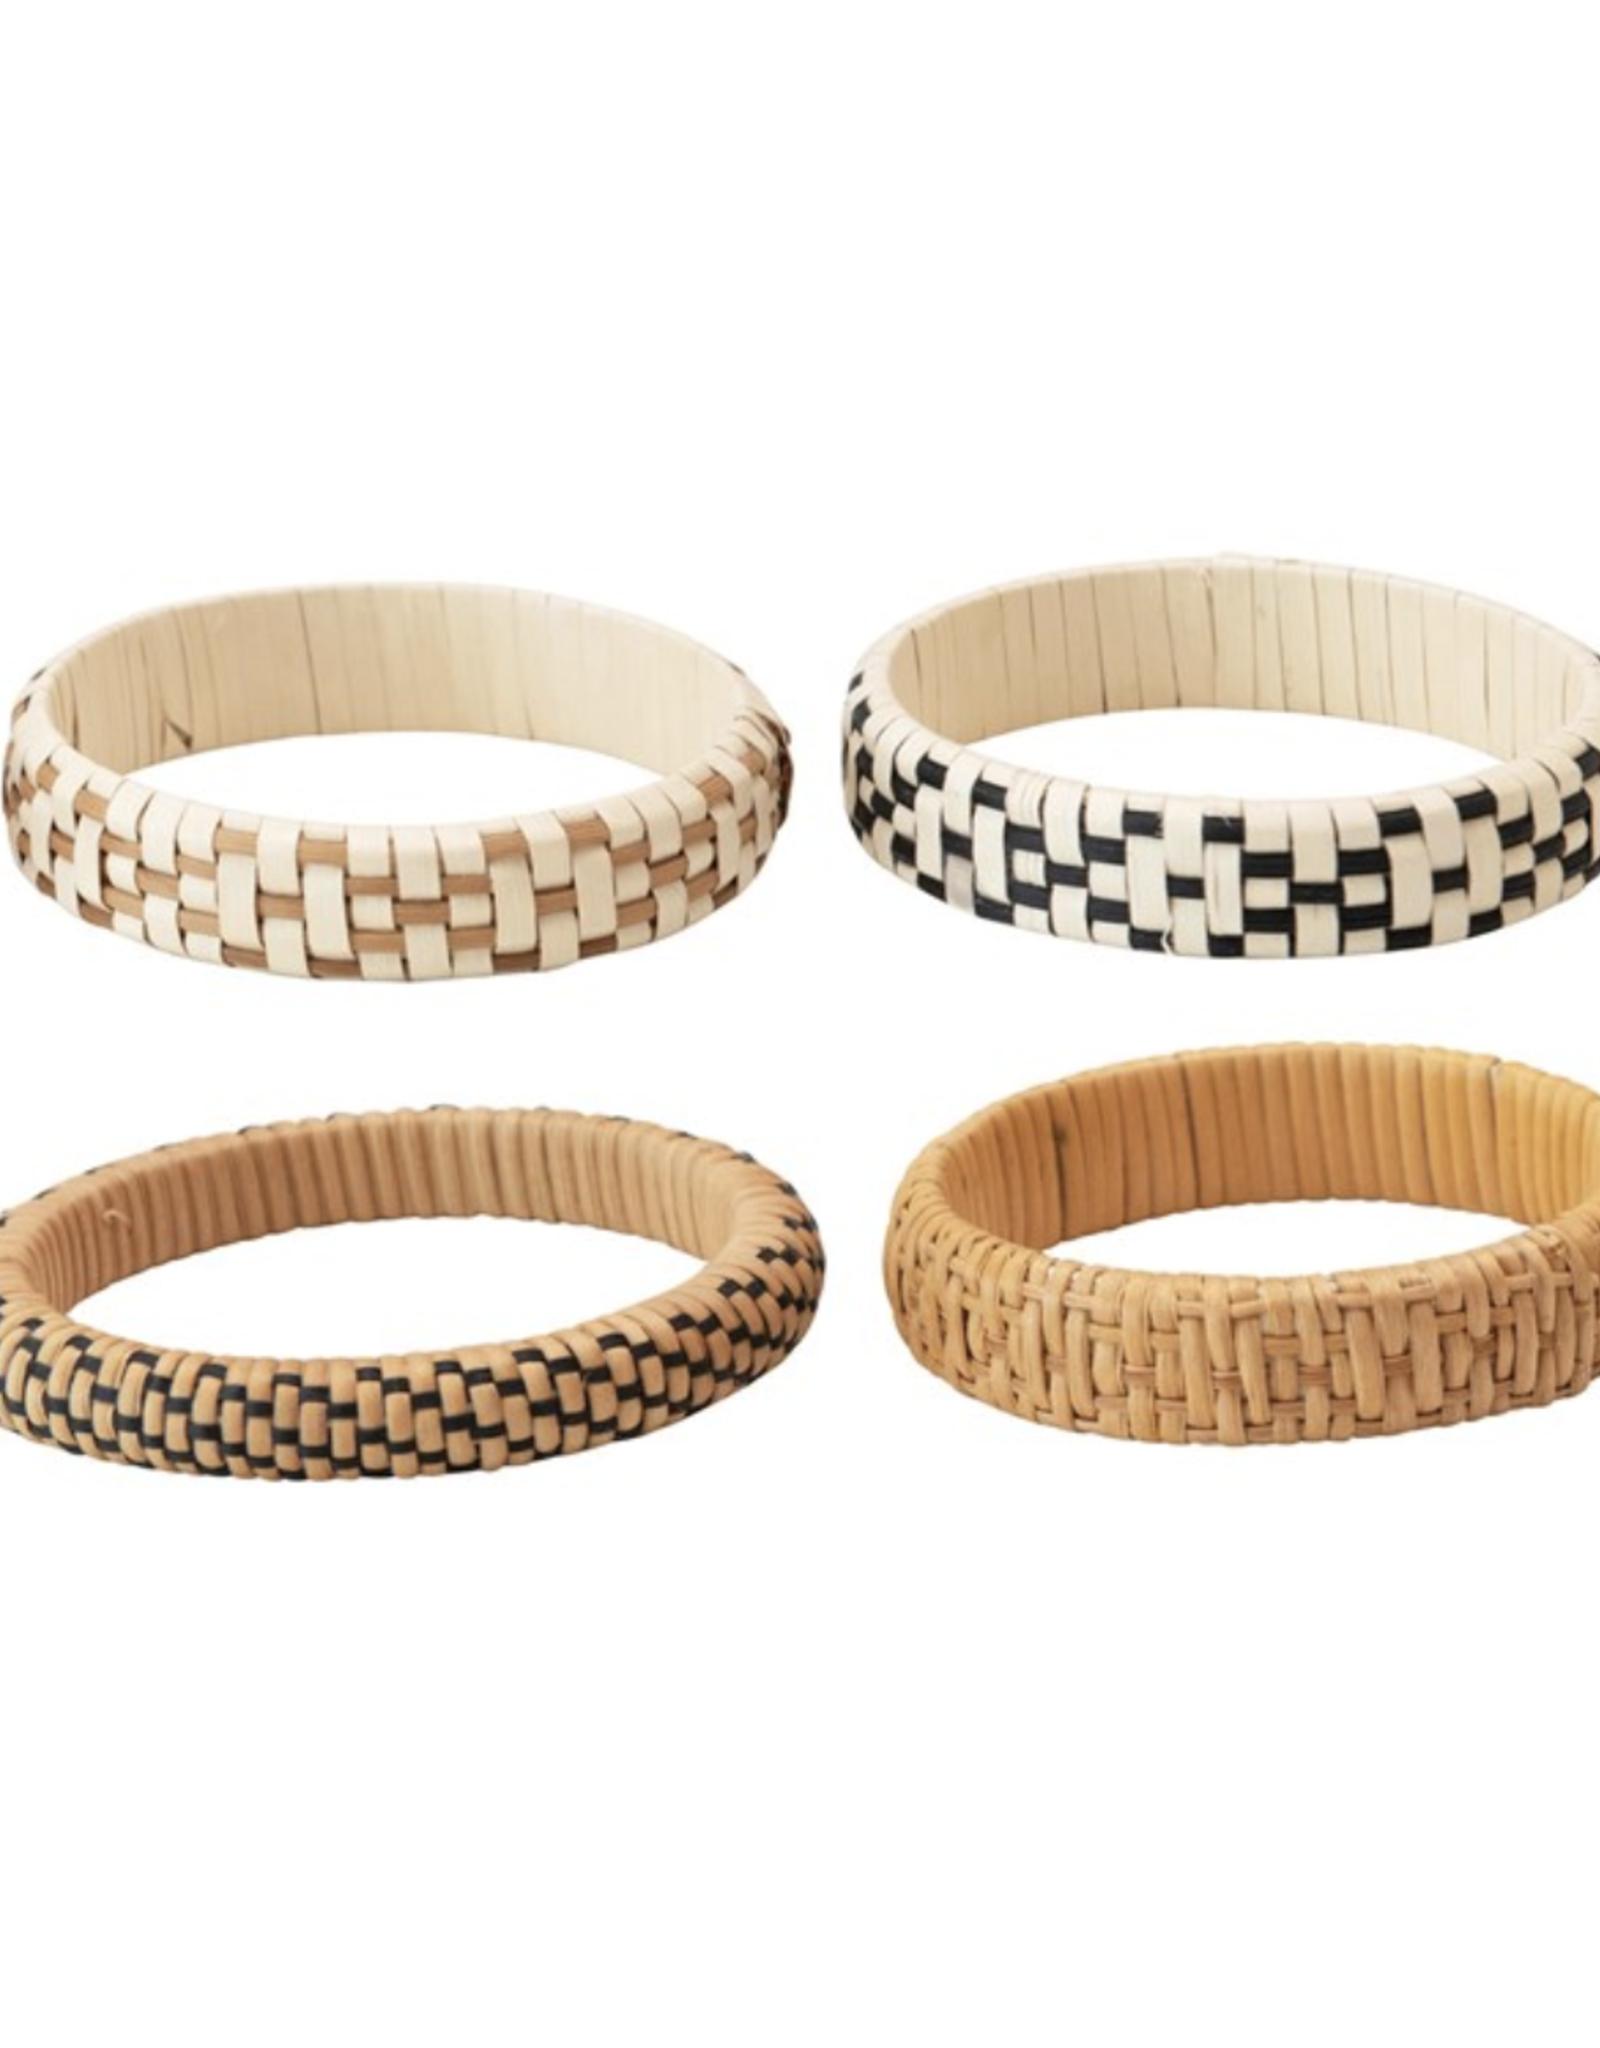 Creative Co Op Rattan Bracelets